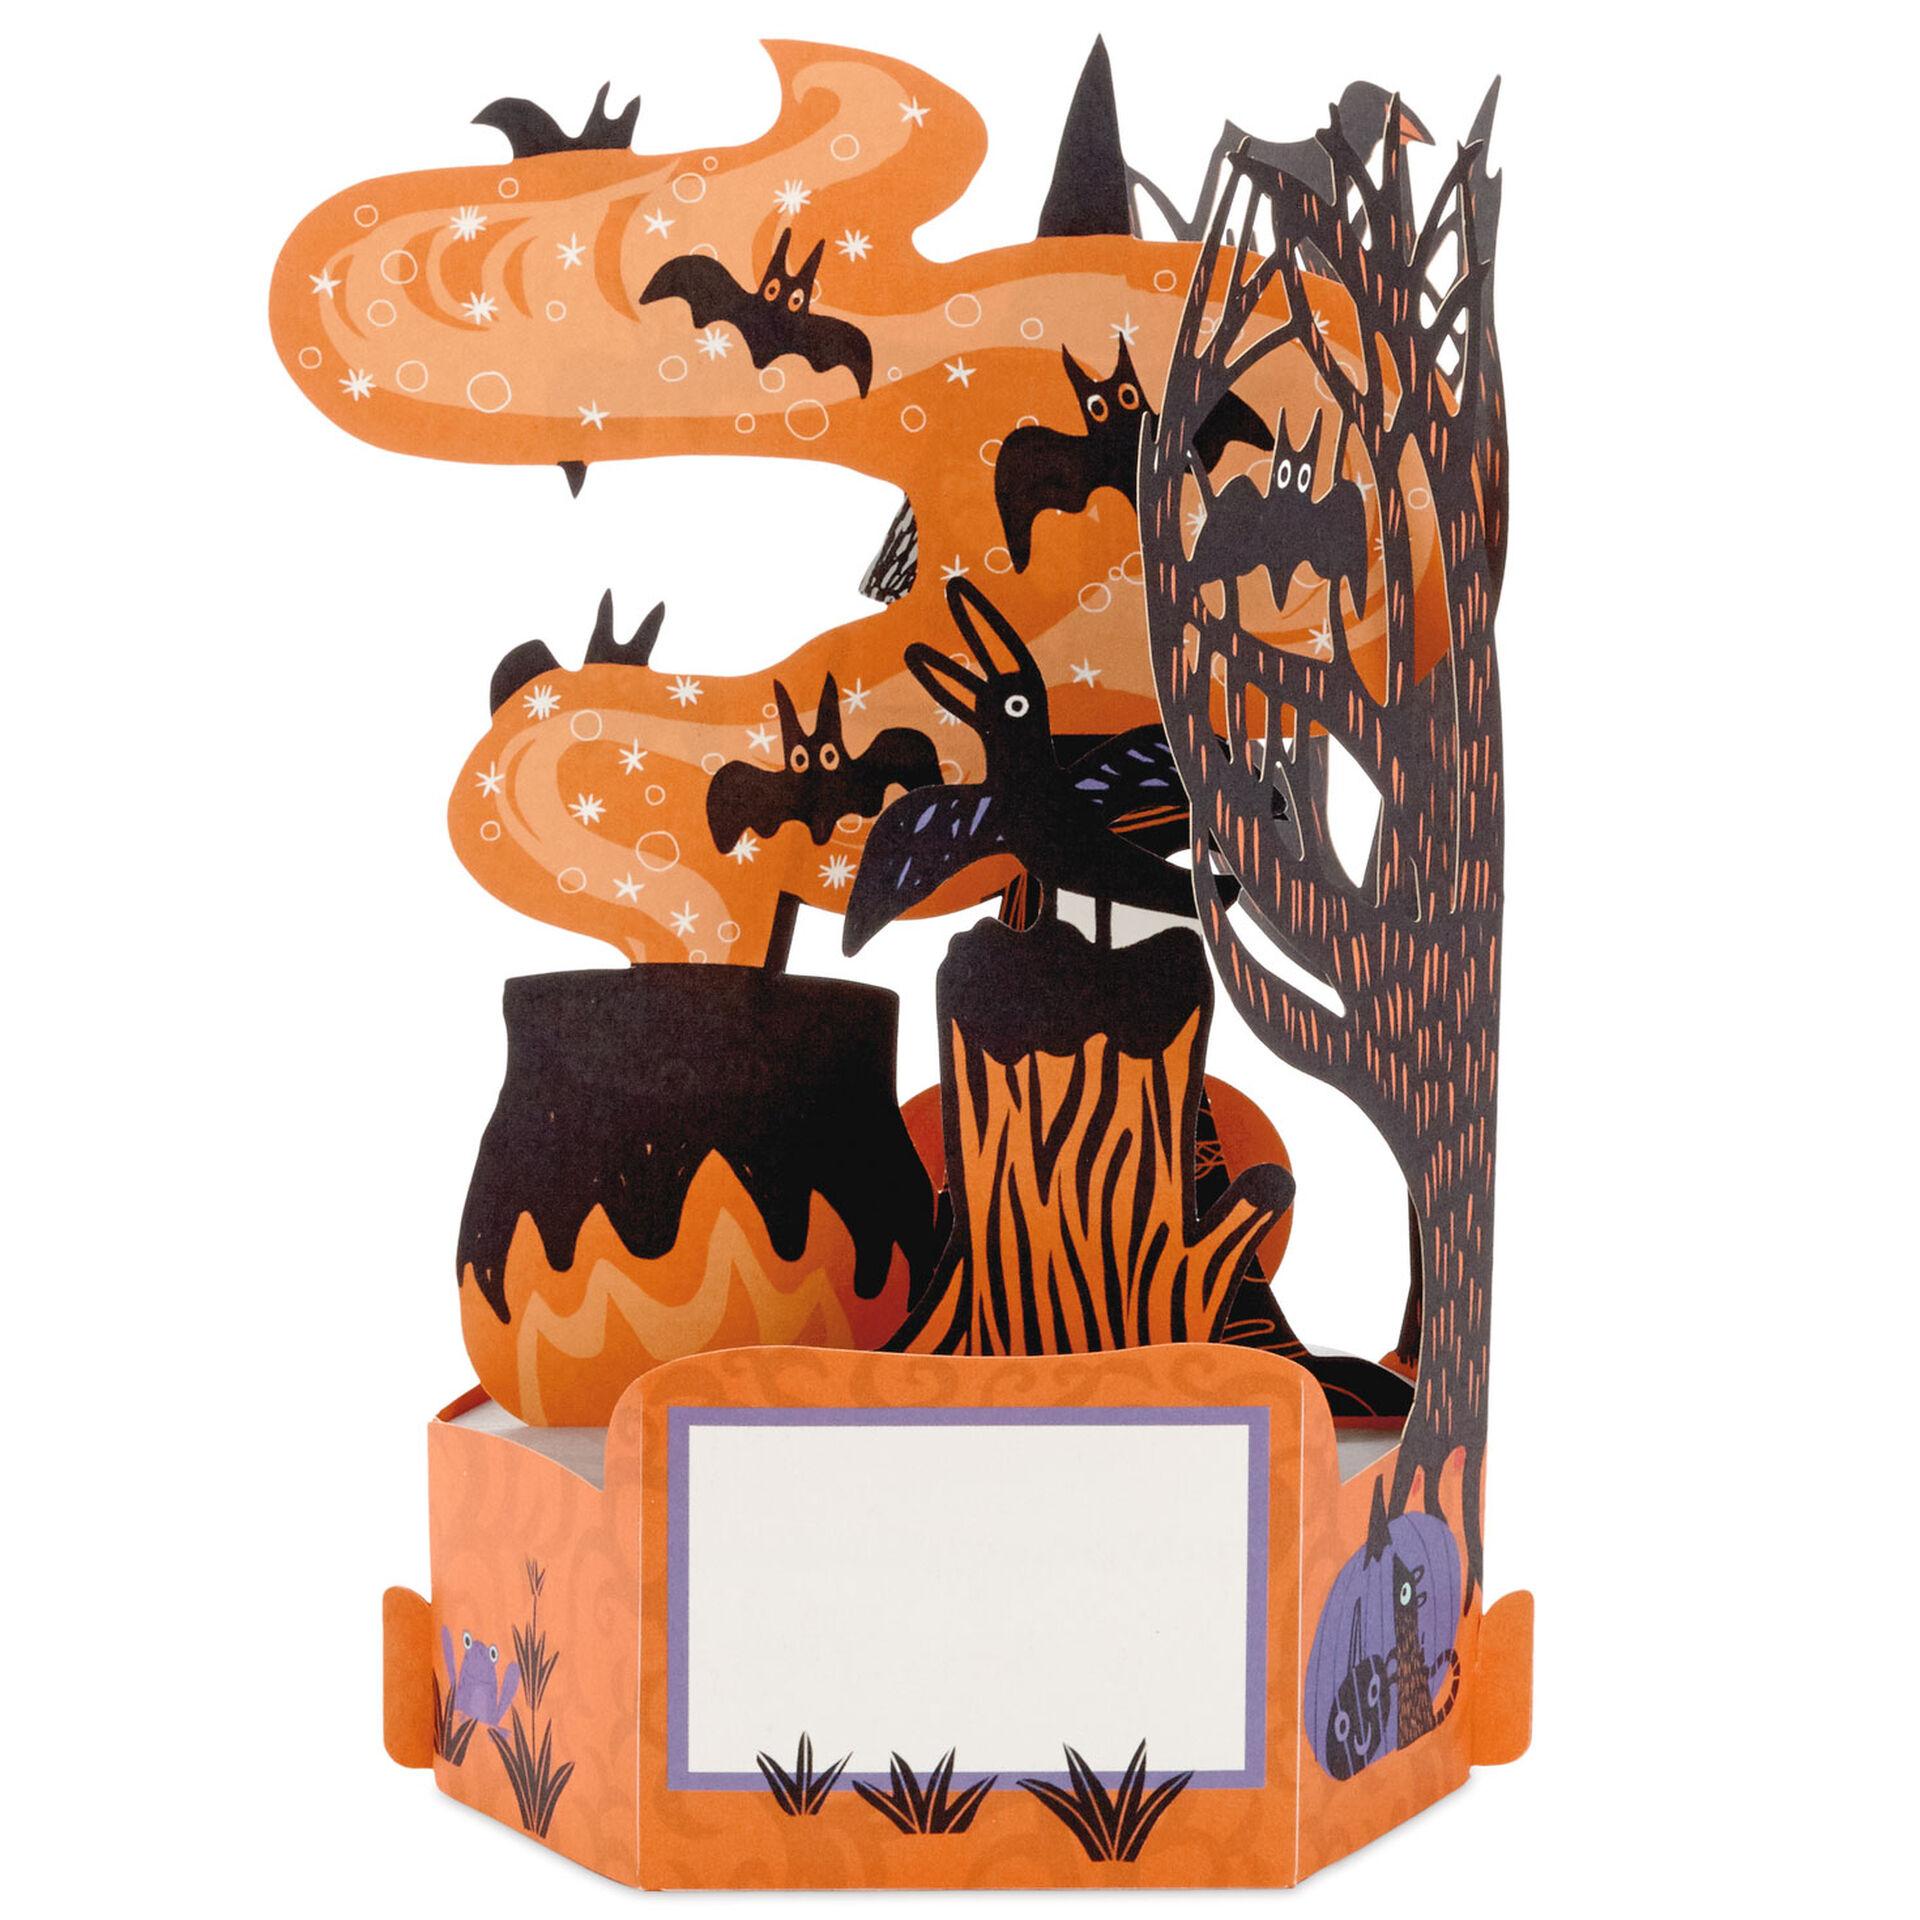 Witchs Cauldron Hallmark Paper Wonder Pop Up Halloween Card